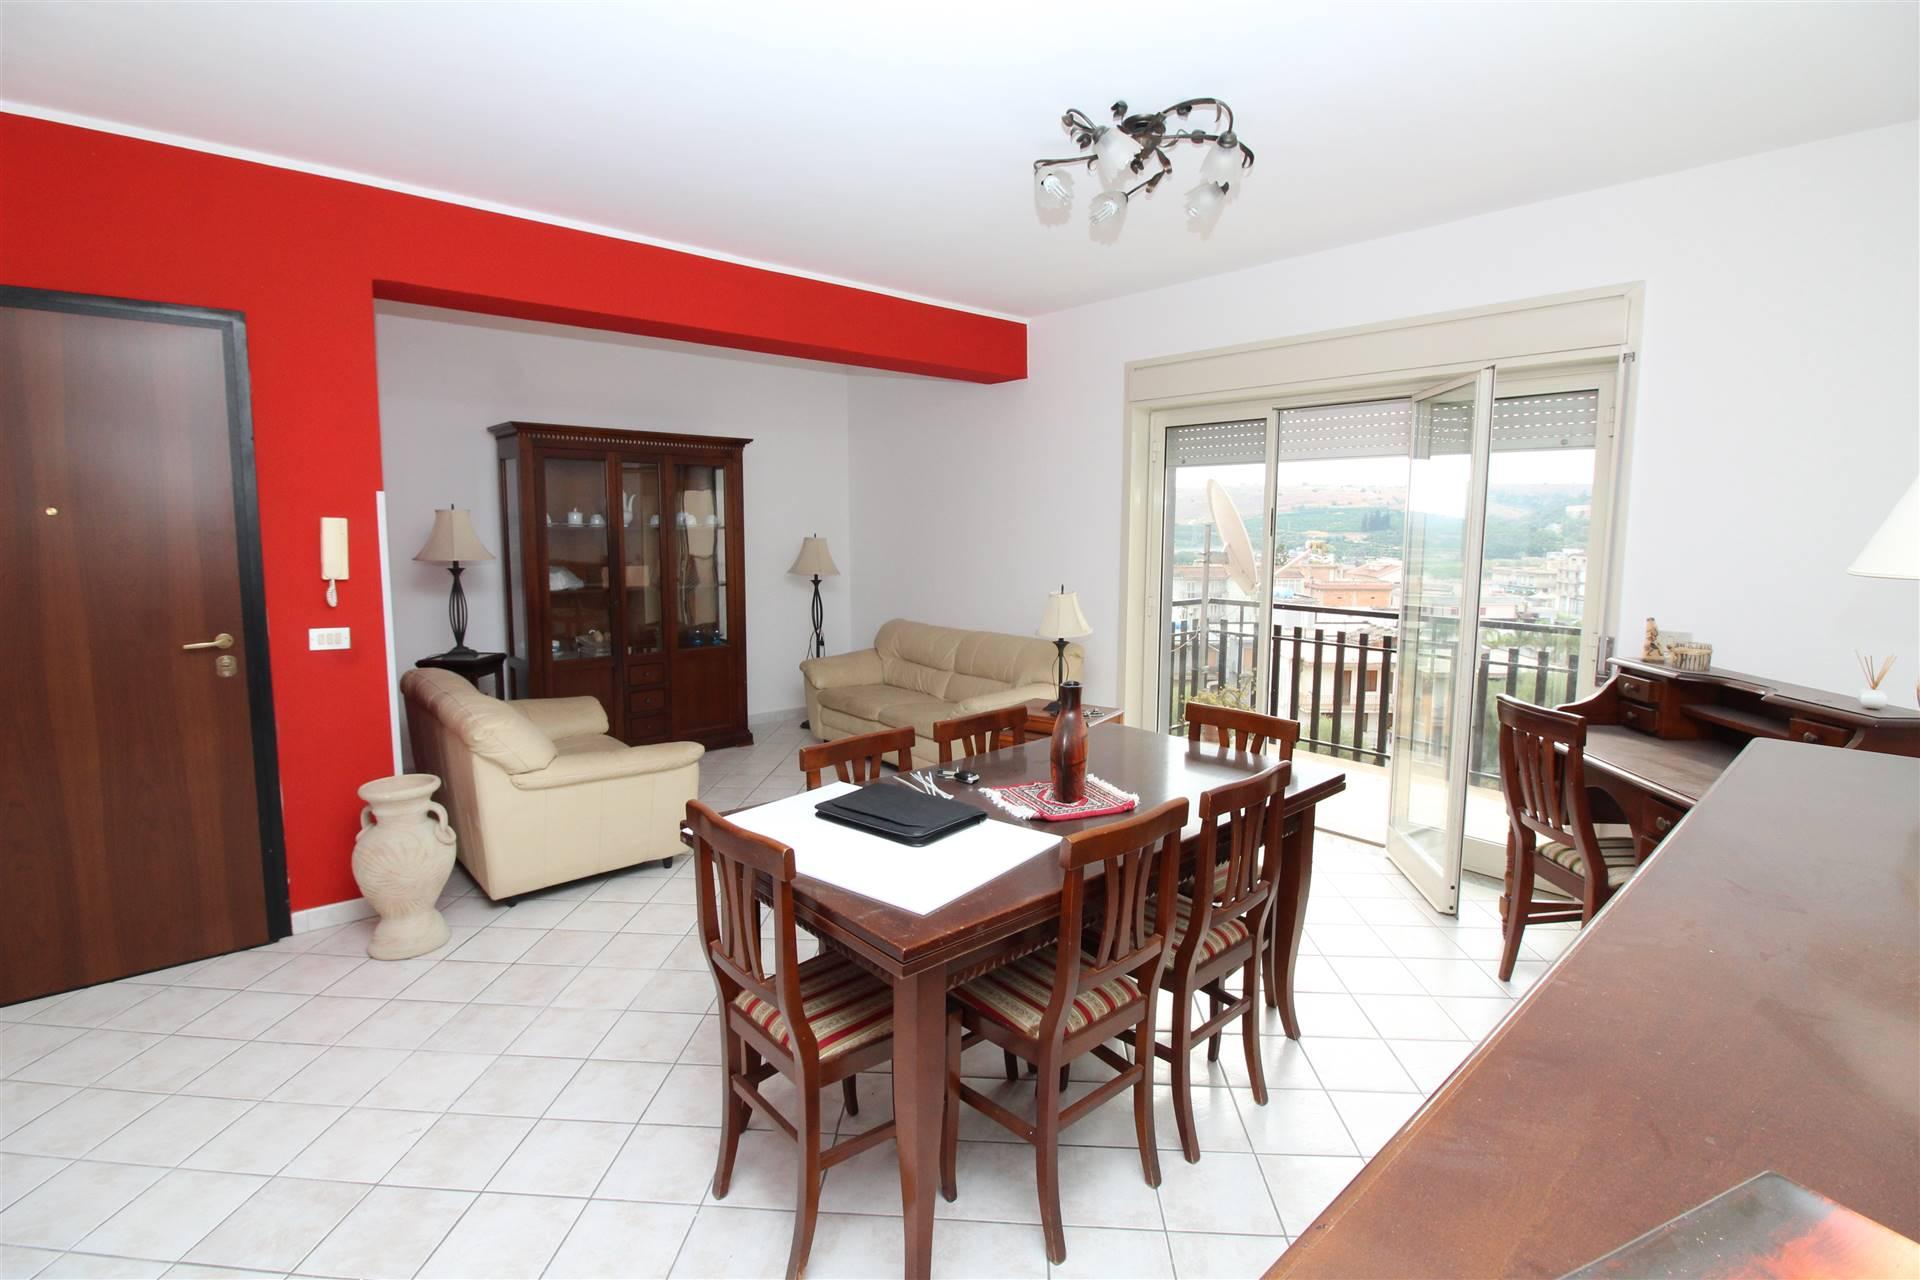 Appartamento in vendita a Lentini, 4 locali, zona Località: S. ANTONIO, prezzo € 131.000 | CambioCasa.it